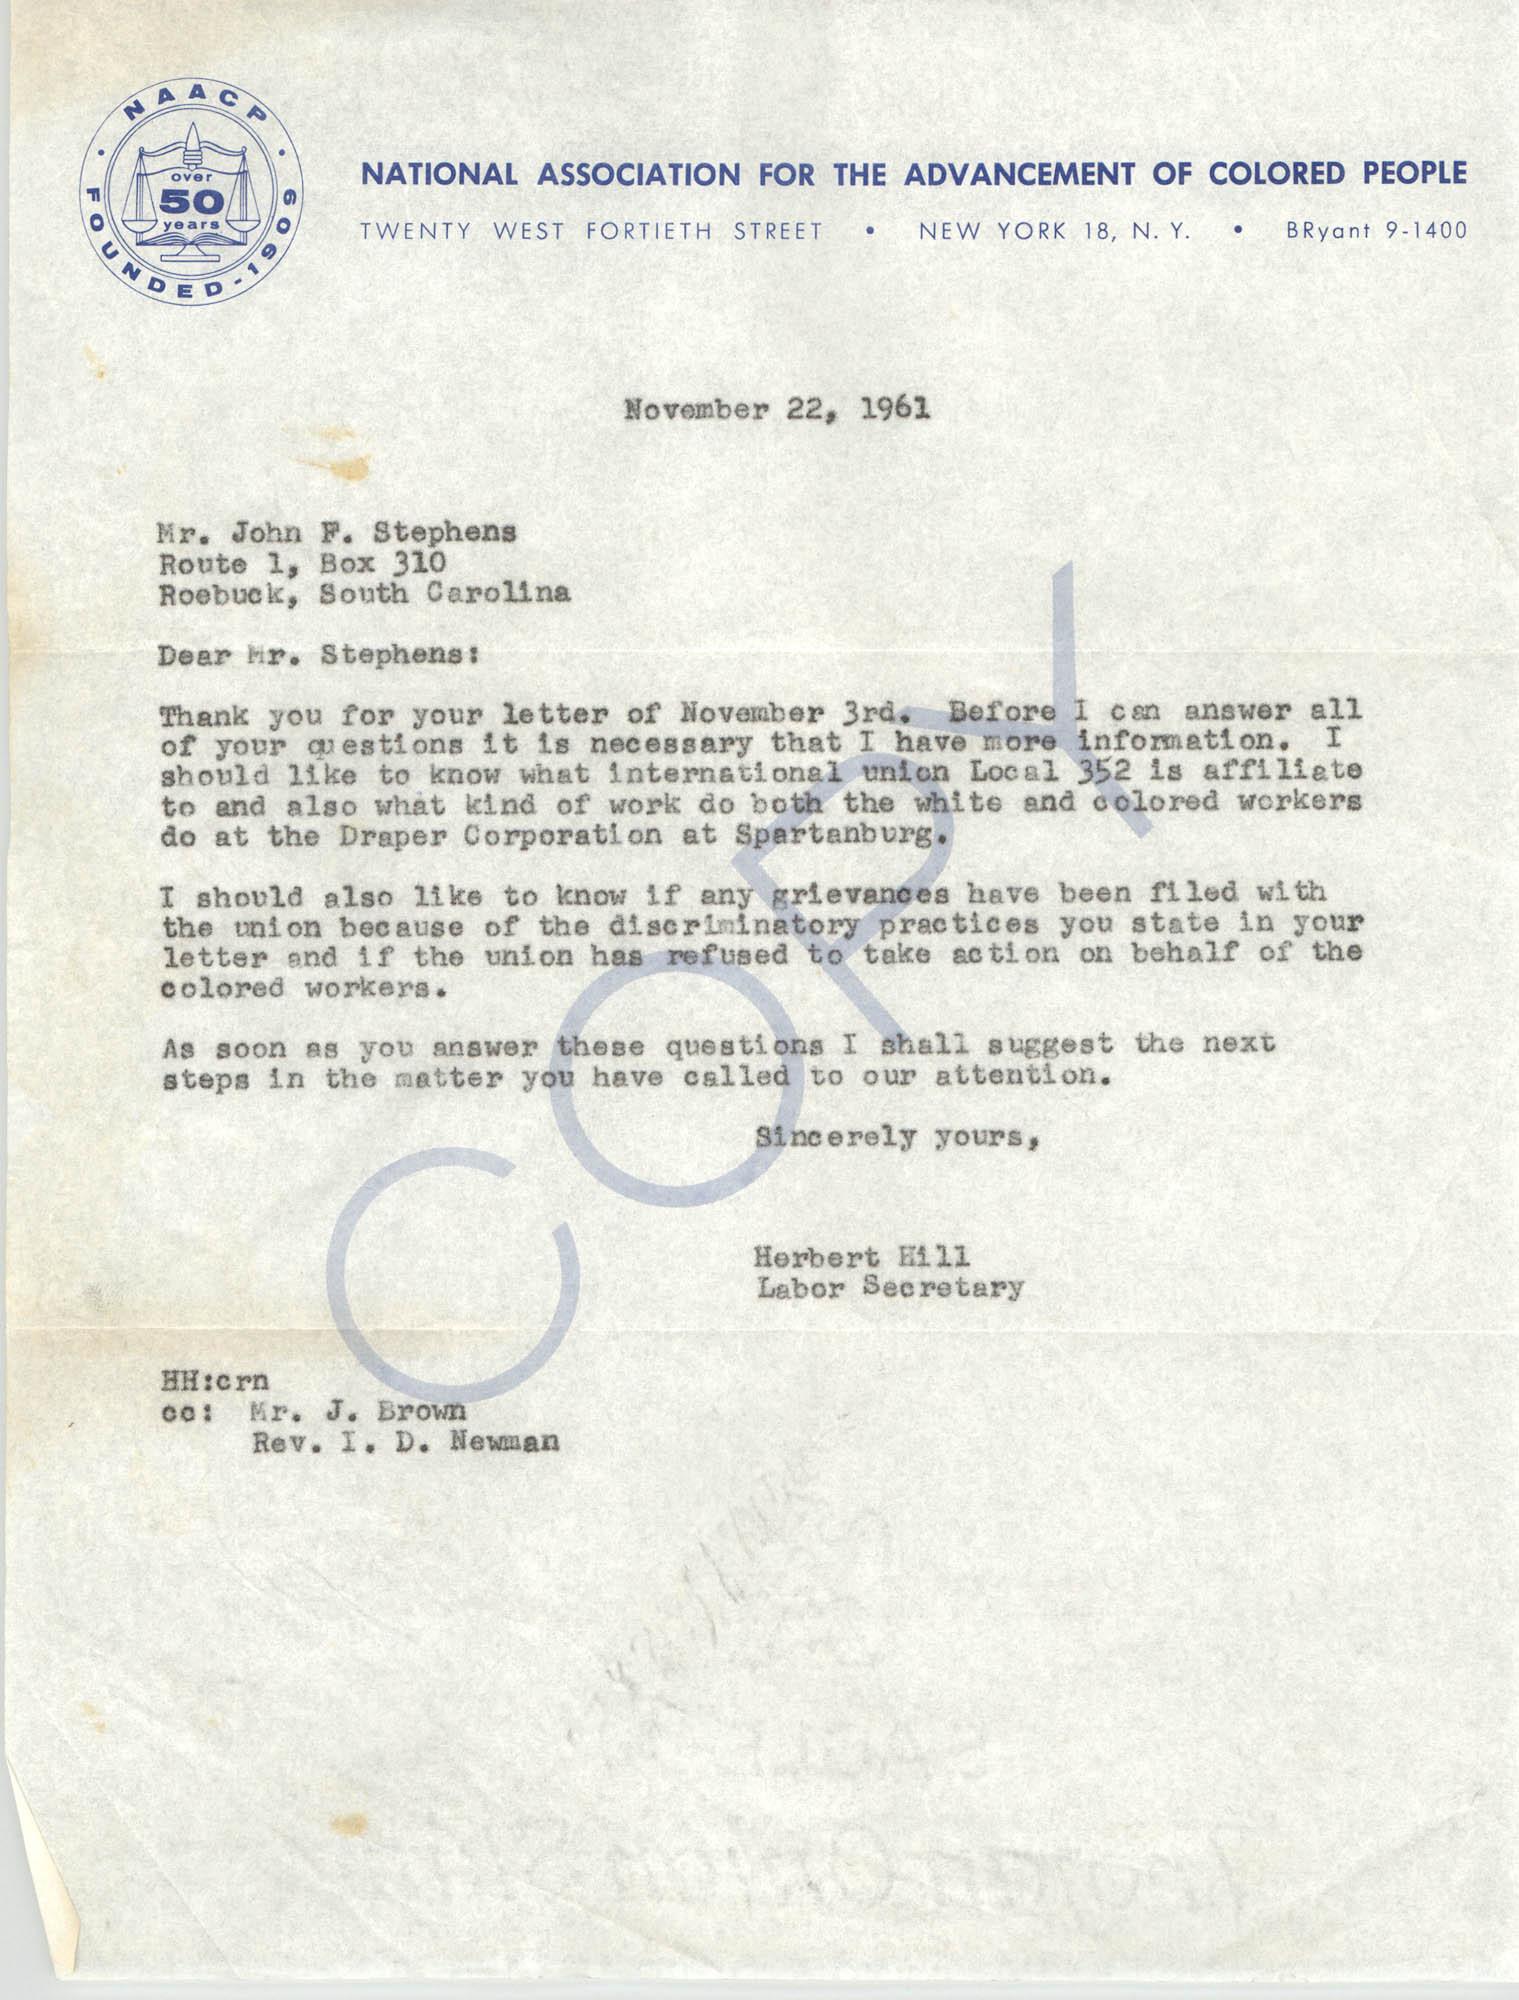 Letter from Herbert Hill to John F. Stephens, November 22, 1961